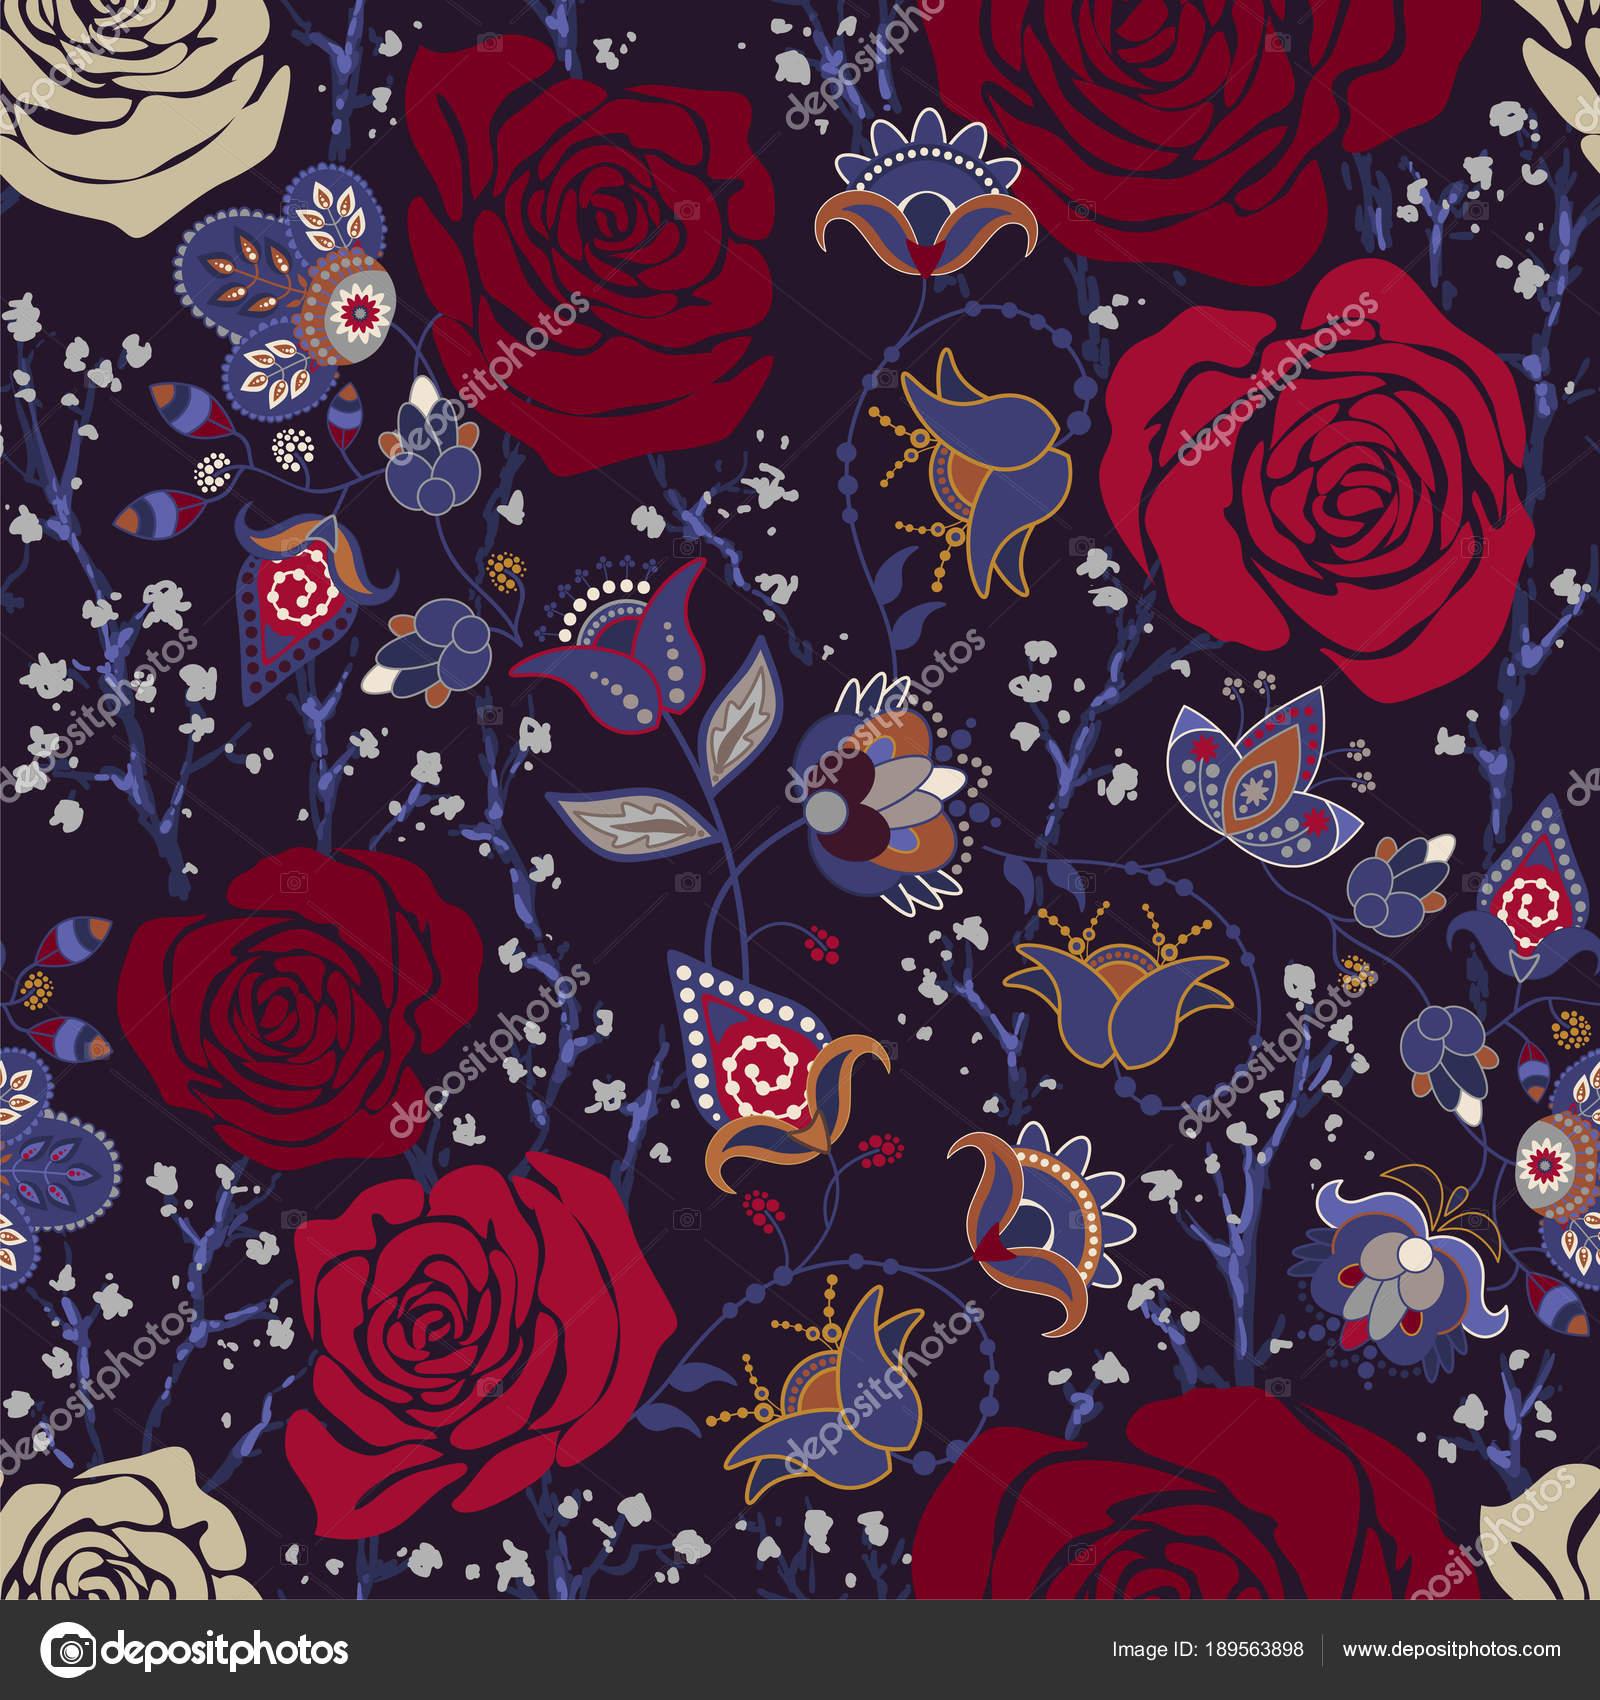 Fondo Fondos Vintage Iphone Patron De Colores Con Rosas Flores